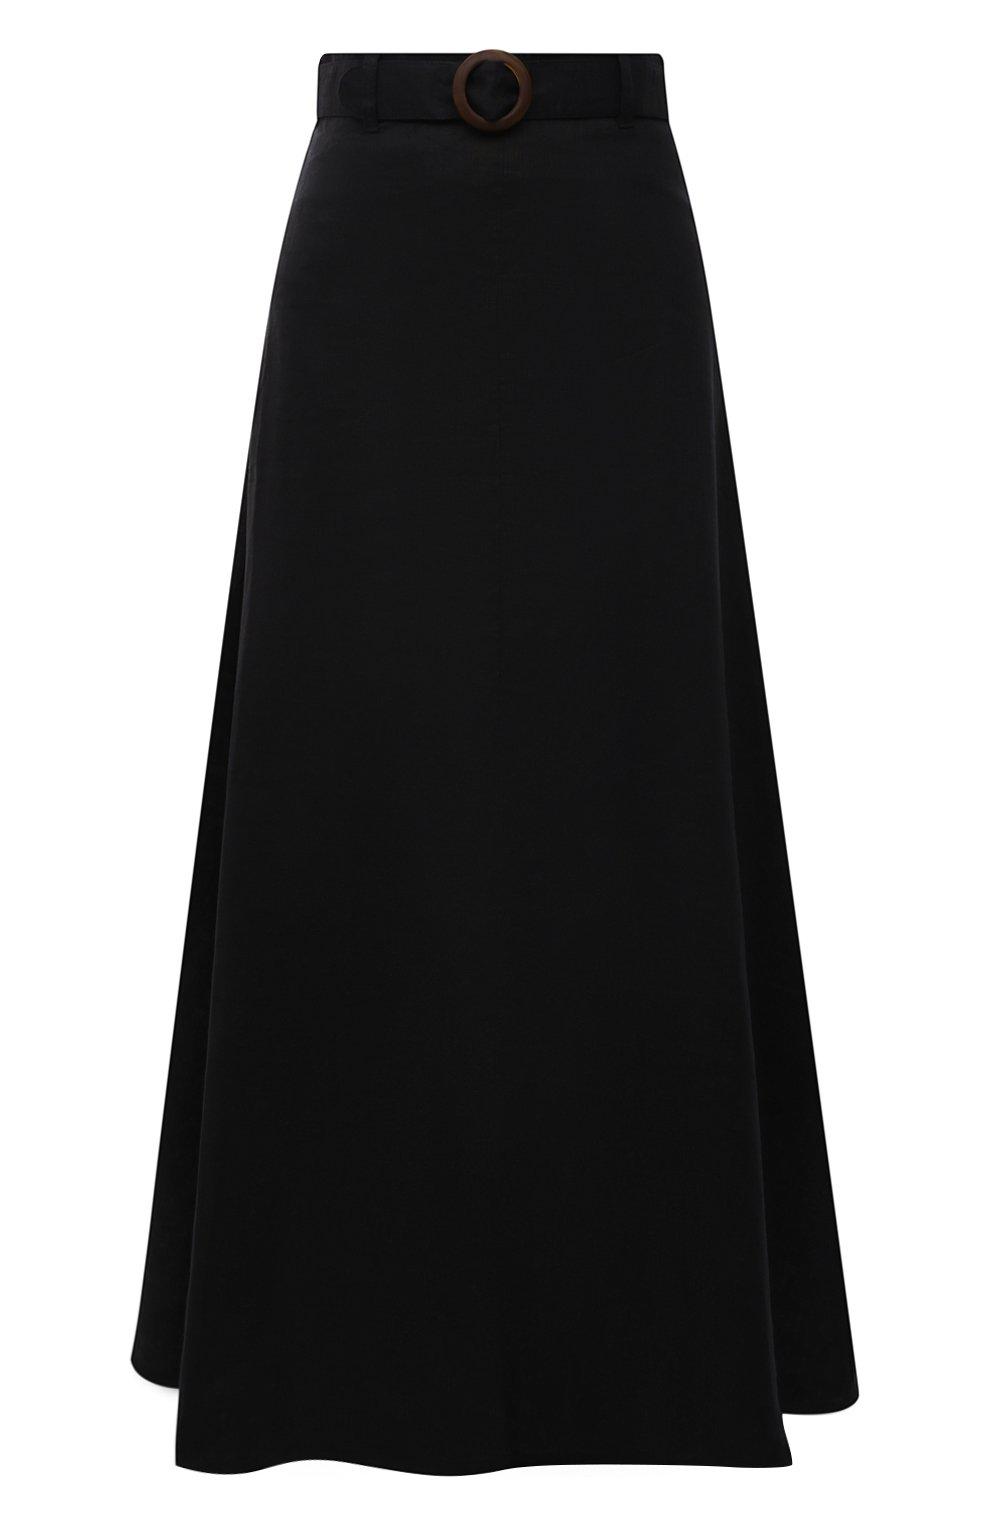 Женская льняная юбка FAITHFULL THE BRAND черного цвета, арт. FF1671-BLK   Фото 1 (Женское Кросс-КТ: Юбка-пляжная одежда, Юбка-одежда; Материал внешний: Лен; Длина Ж (юбки, платья, шорты): Макси; Материал подклада: Вискоза; Стили: Бохо)